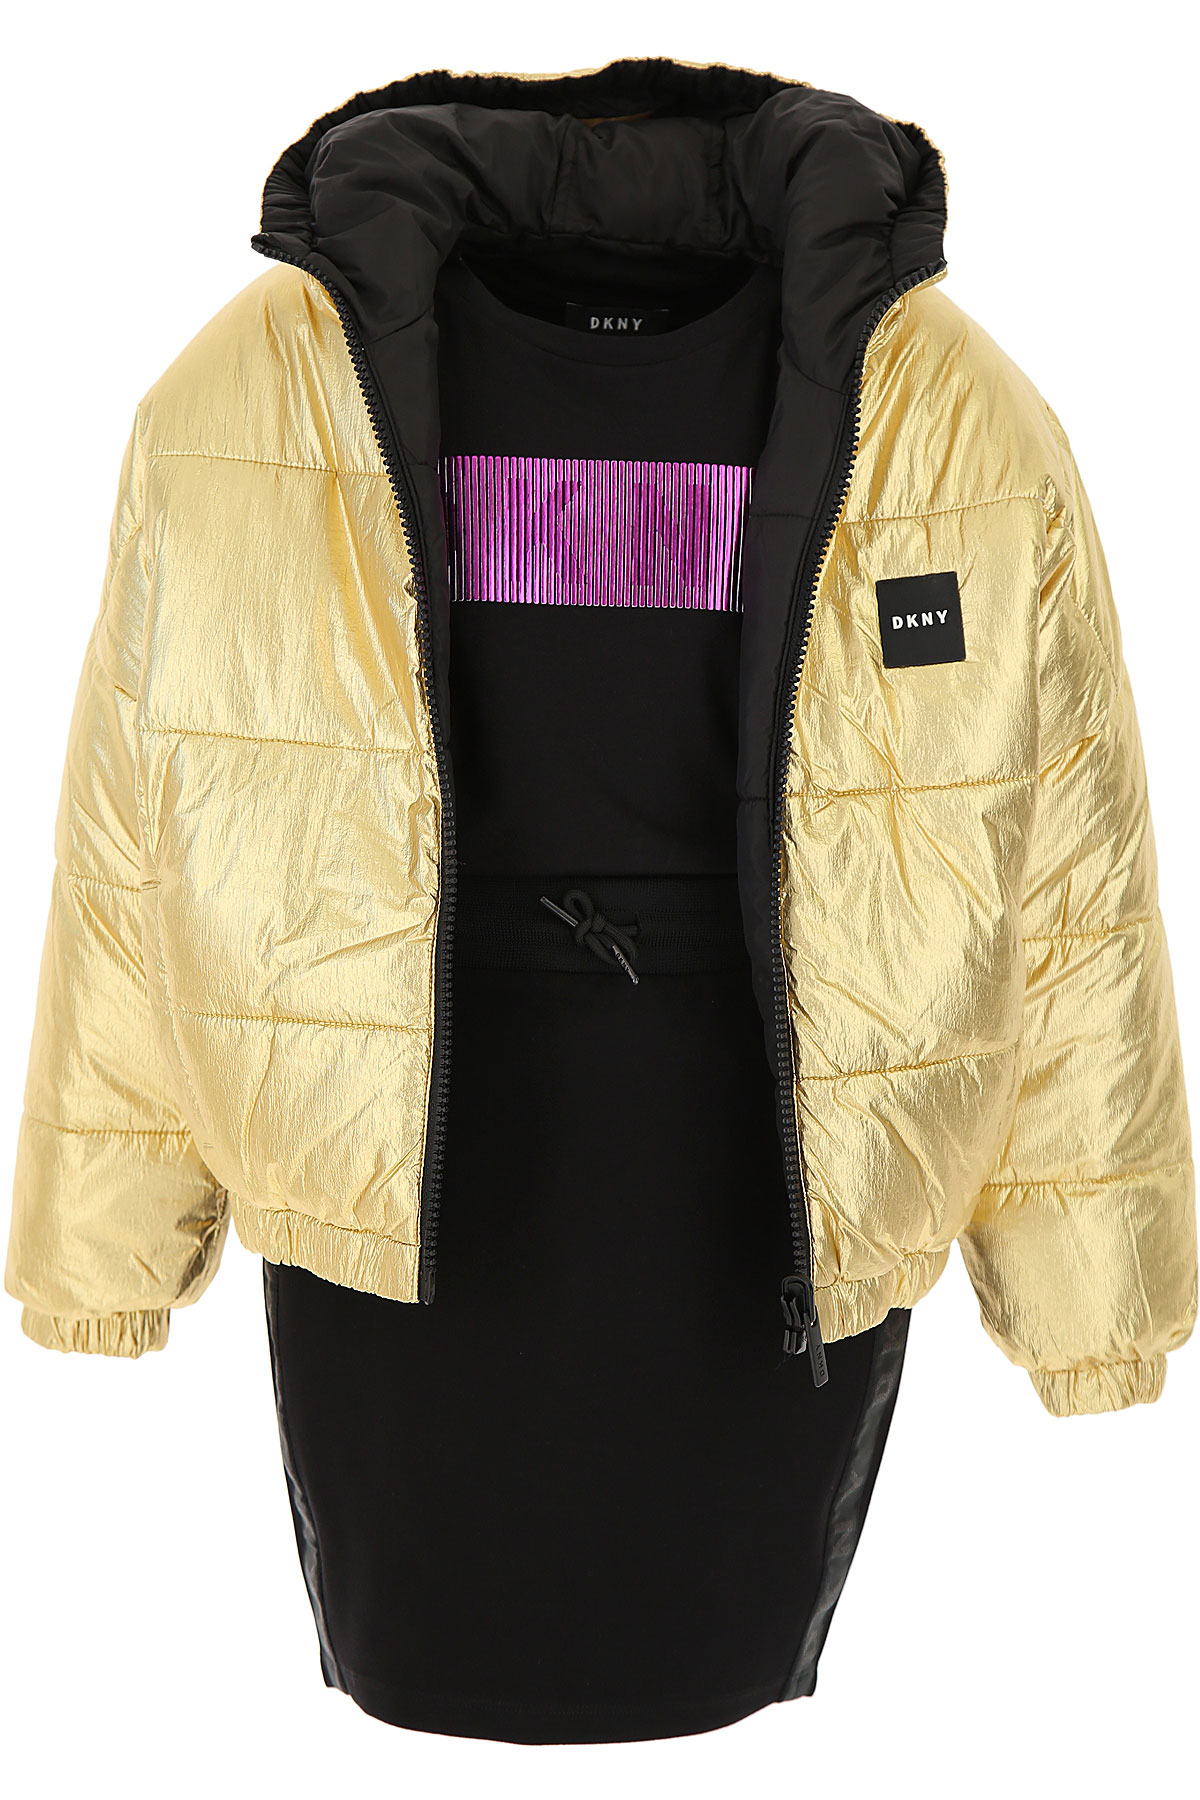 DKNY Girls Down Jacket for Kids, Puffer Ski Jacket On Sale, Black, polyamide, 2019, 10Y 12Y 14Y 16Y 8Y